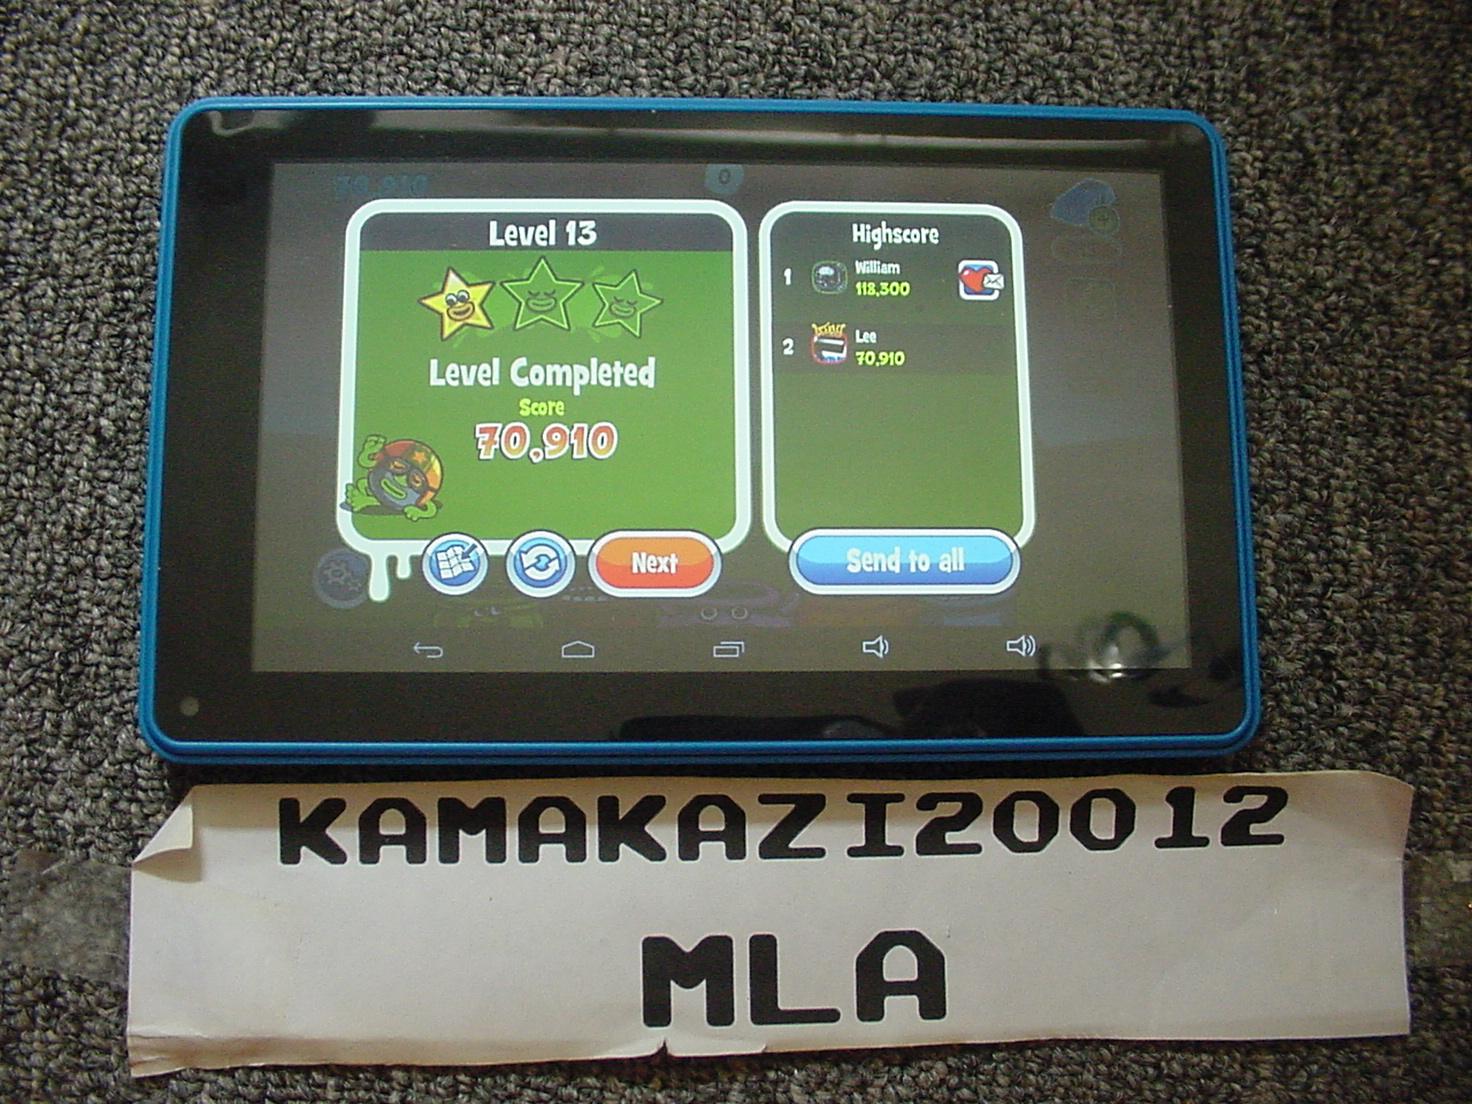 kamakazi20012: Papa Pear Saga: Level 013 (Android) 70,910 points on 2015-07-13 16:12:23